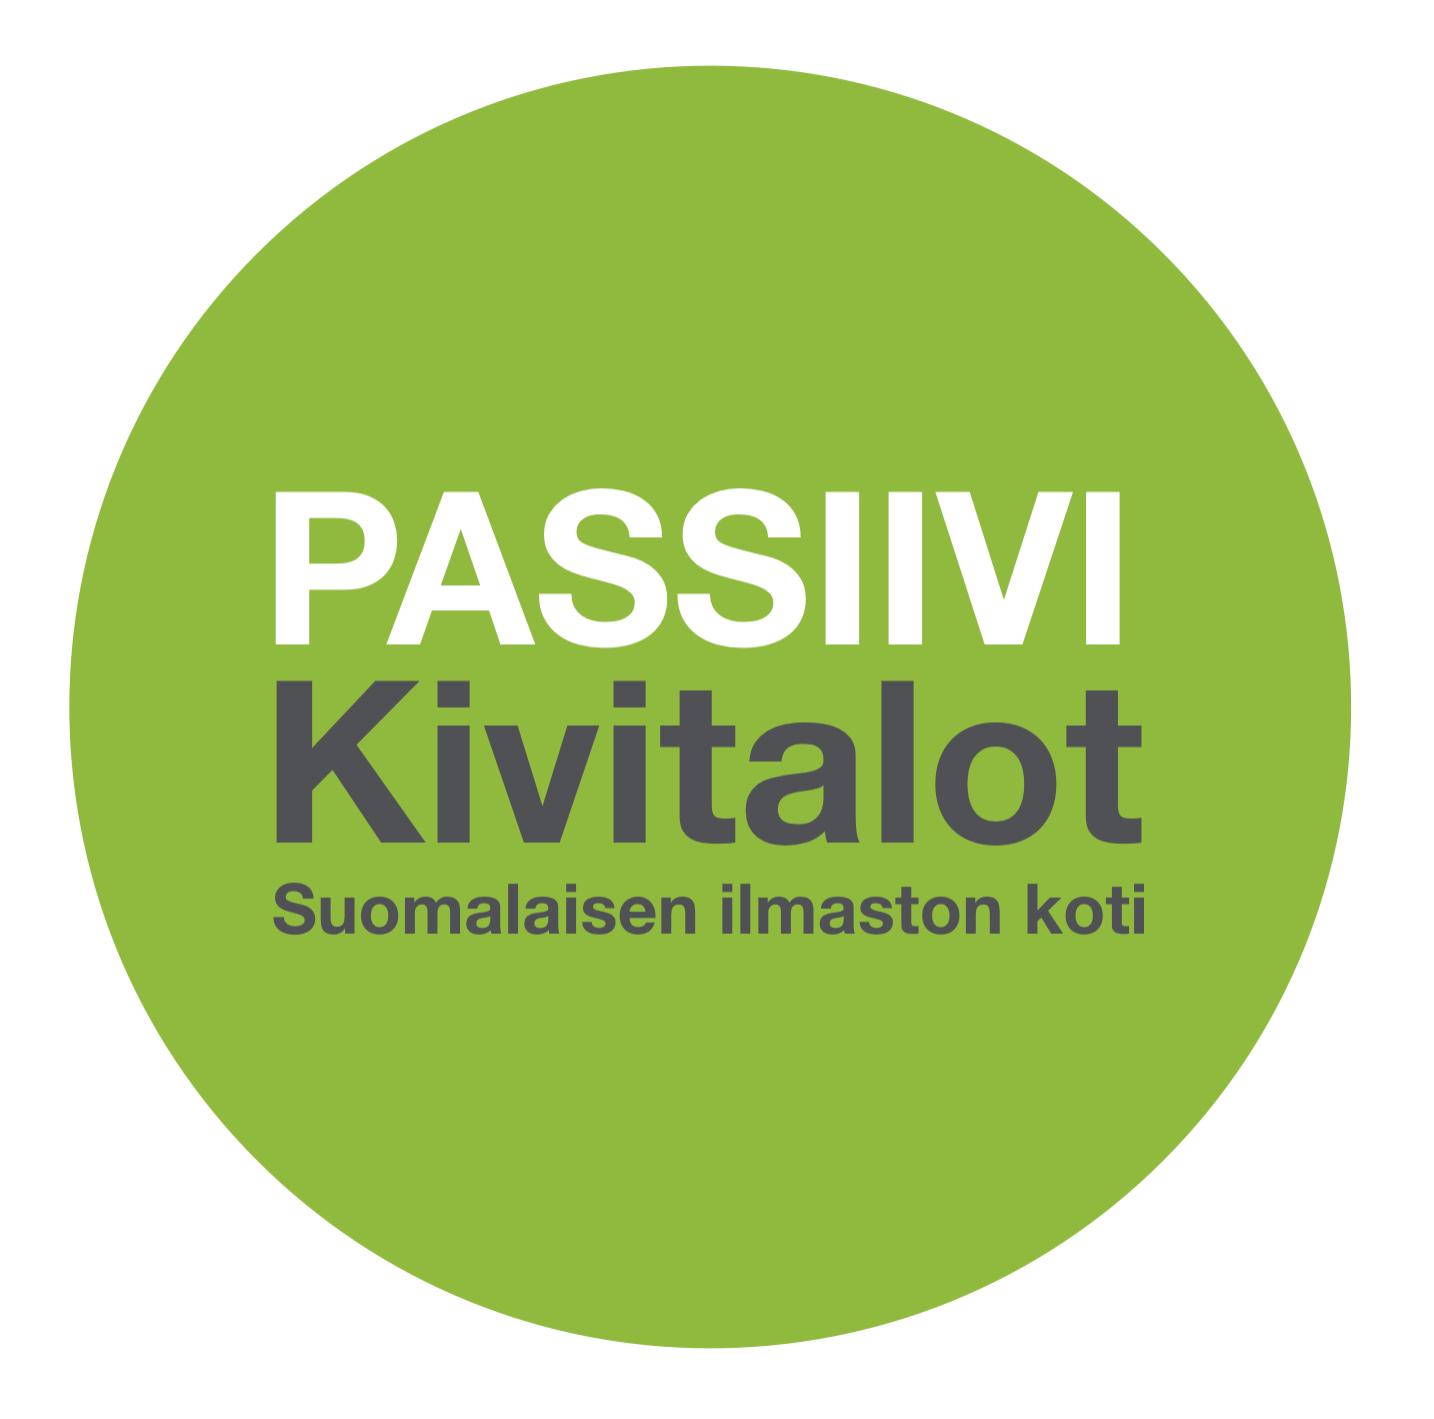 Passiivikivitalot Nordic Oy